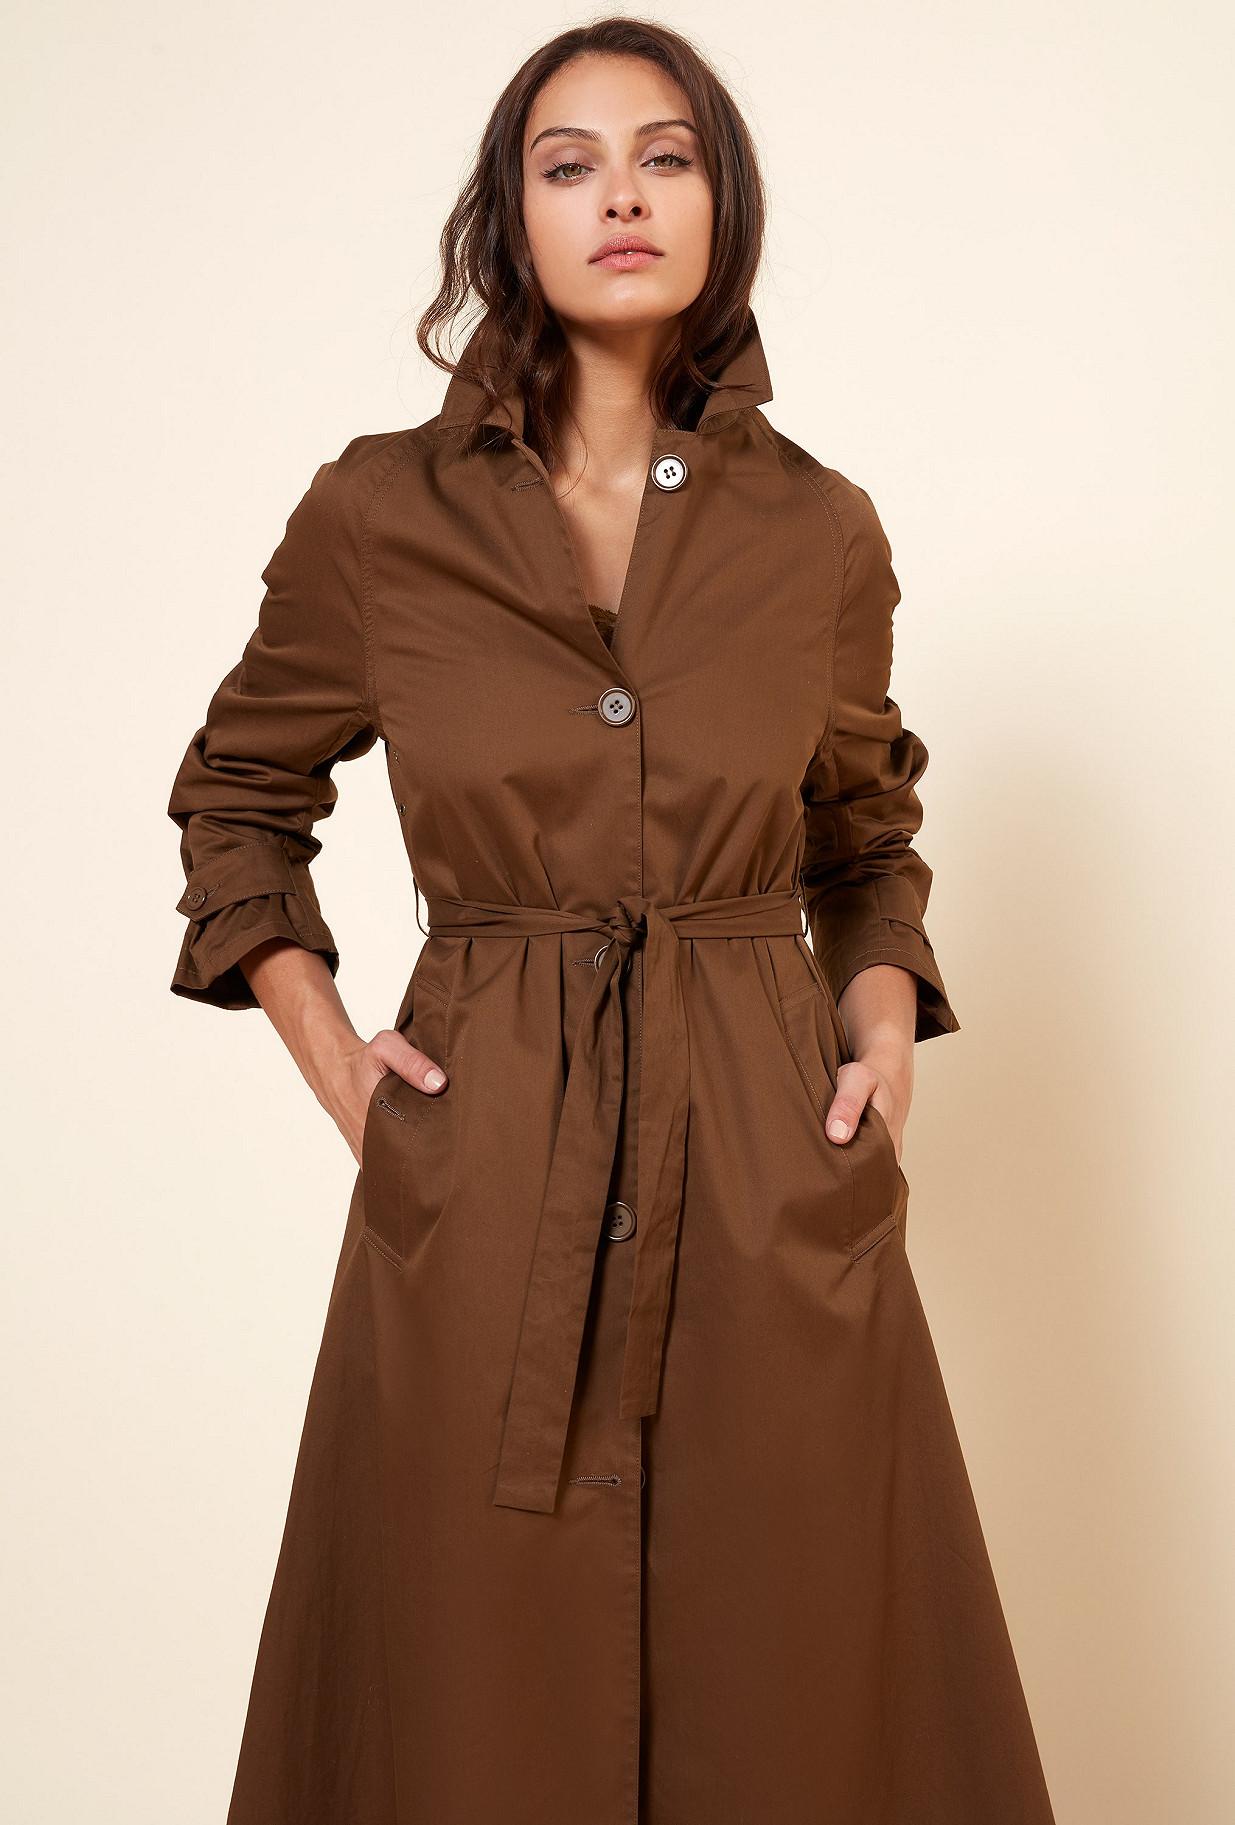 Paris boutique de mode vêtement MANTEAU créateur bohème Grant